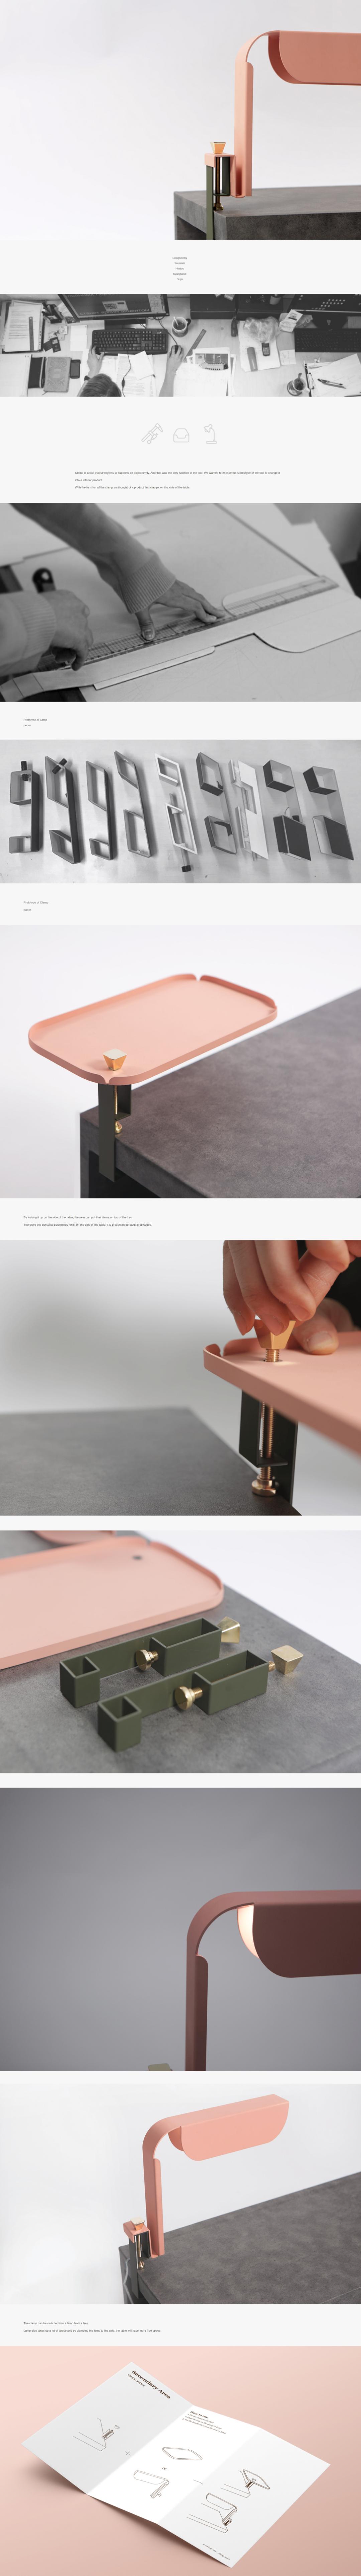 Industrial Design,Graphic Design